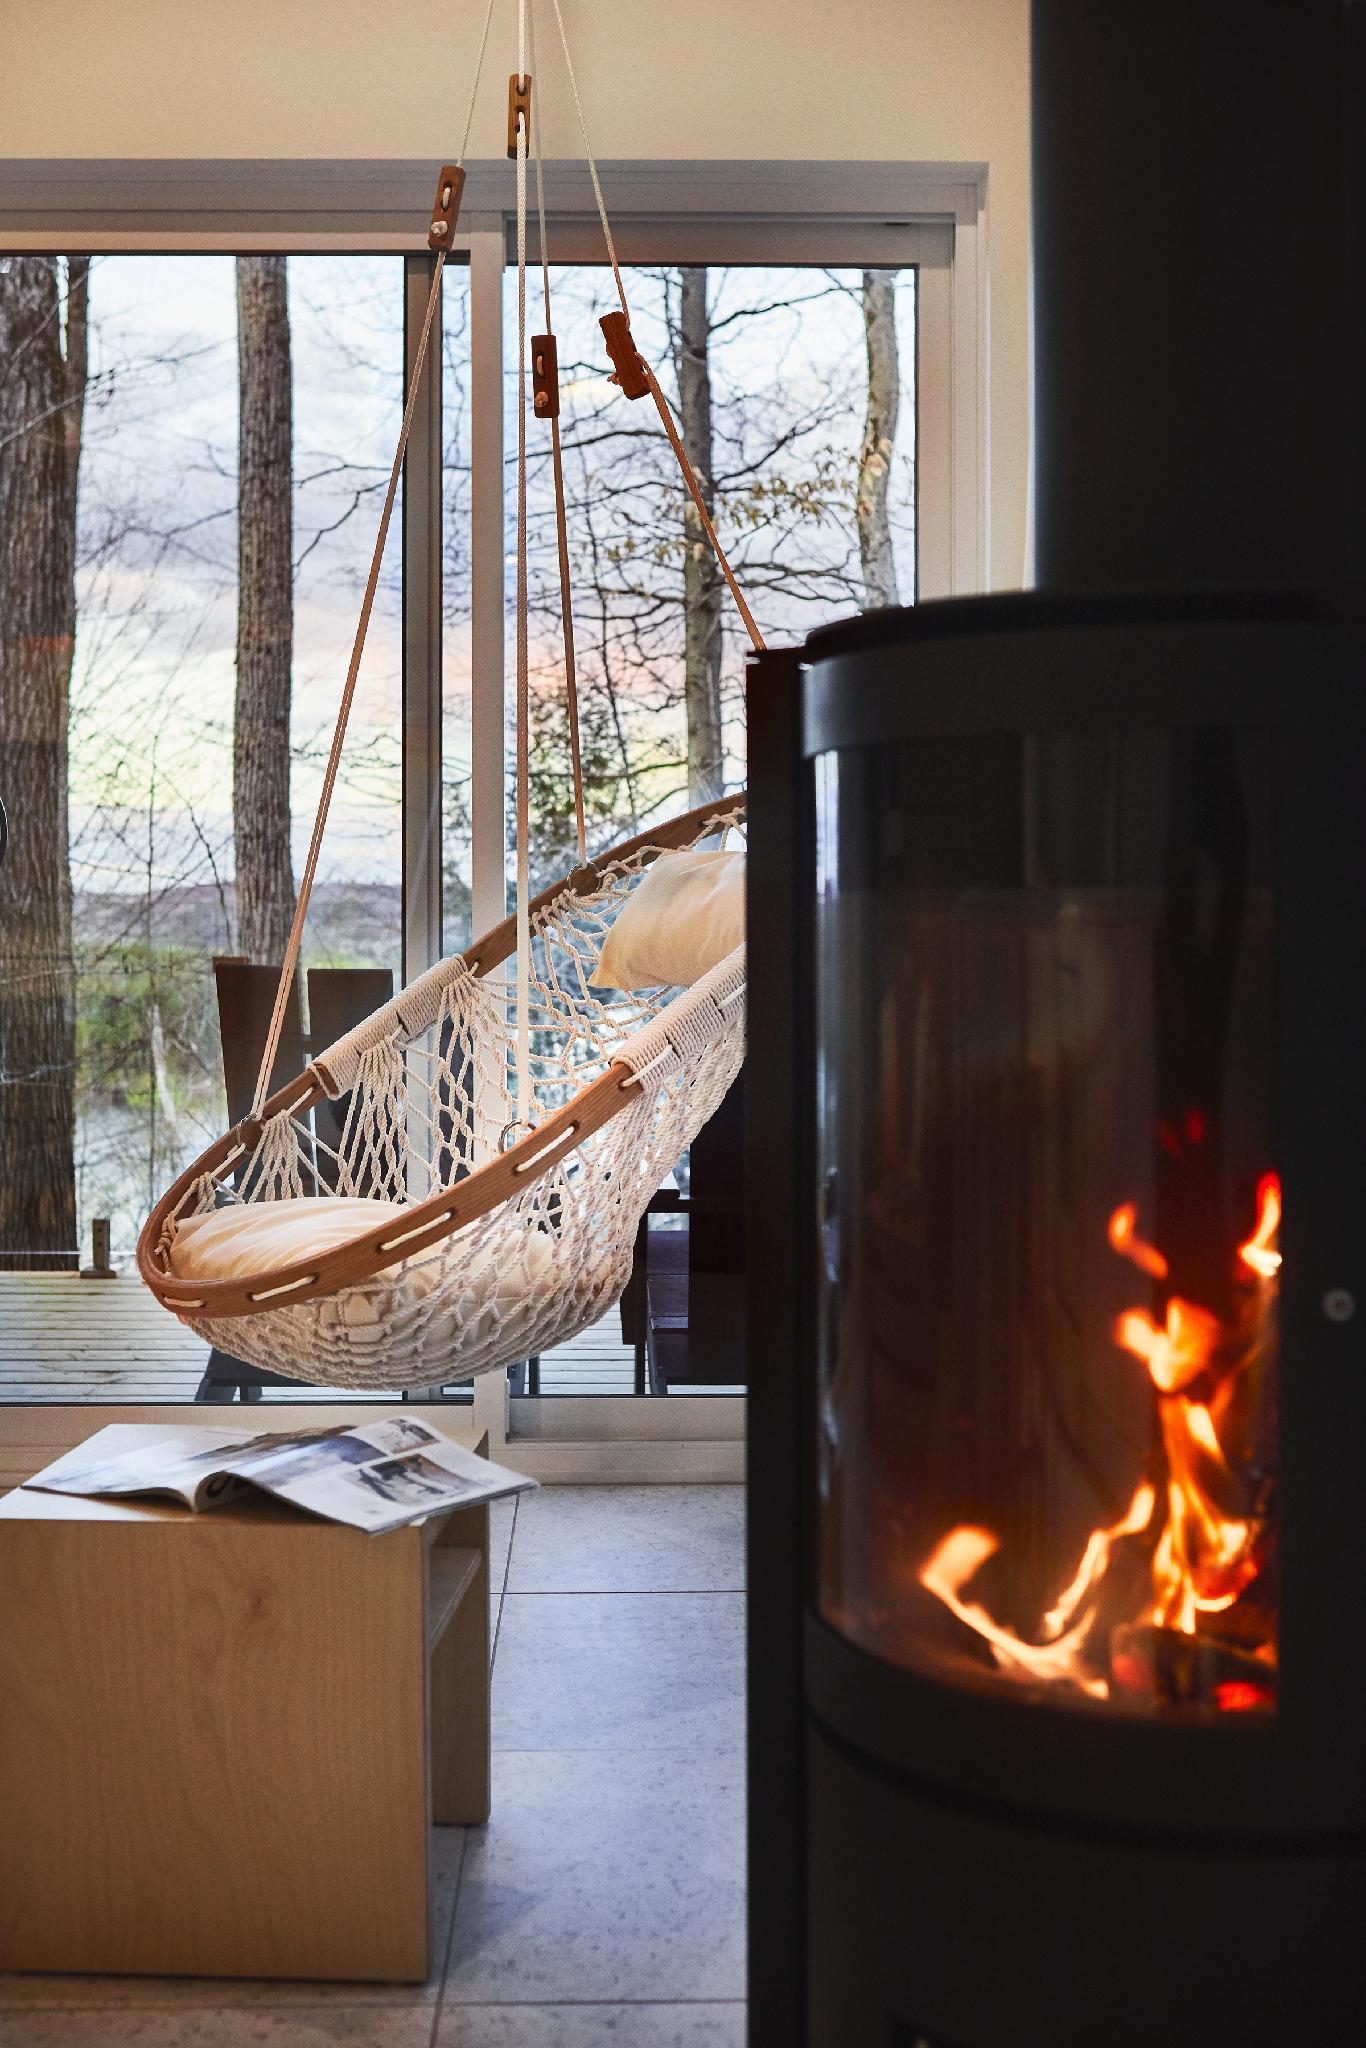 Chaise hamac avec poêle à bois pivotant (bois fourni sur demande - 15$)